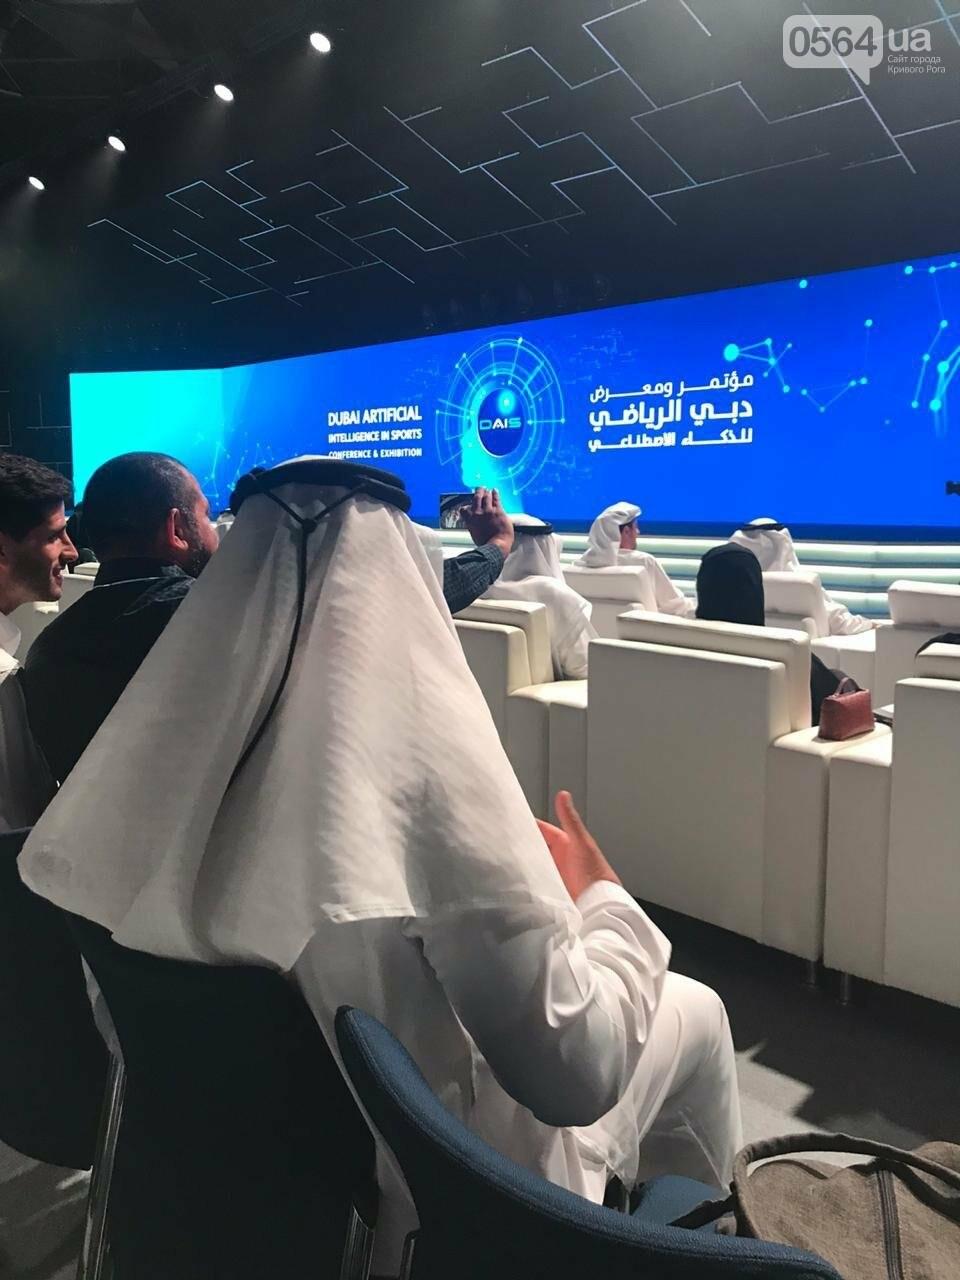 Впервые криворожанин выступил в Дубае с докладом на Конференции по использованию ИИ в спорте, - ФОТО, фото-2